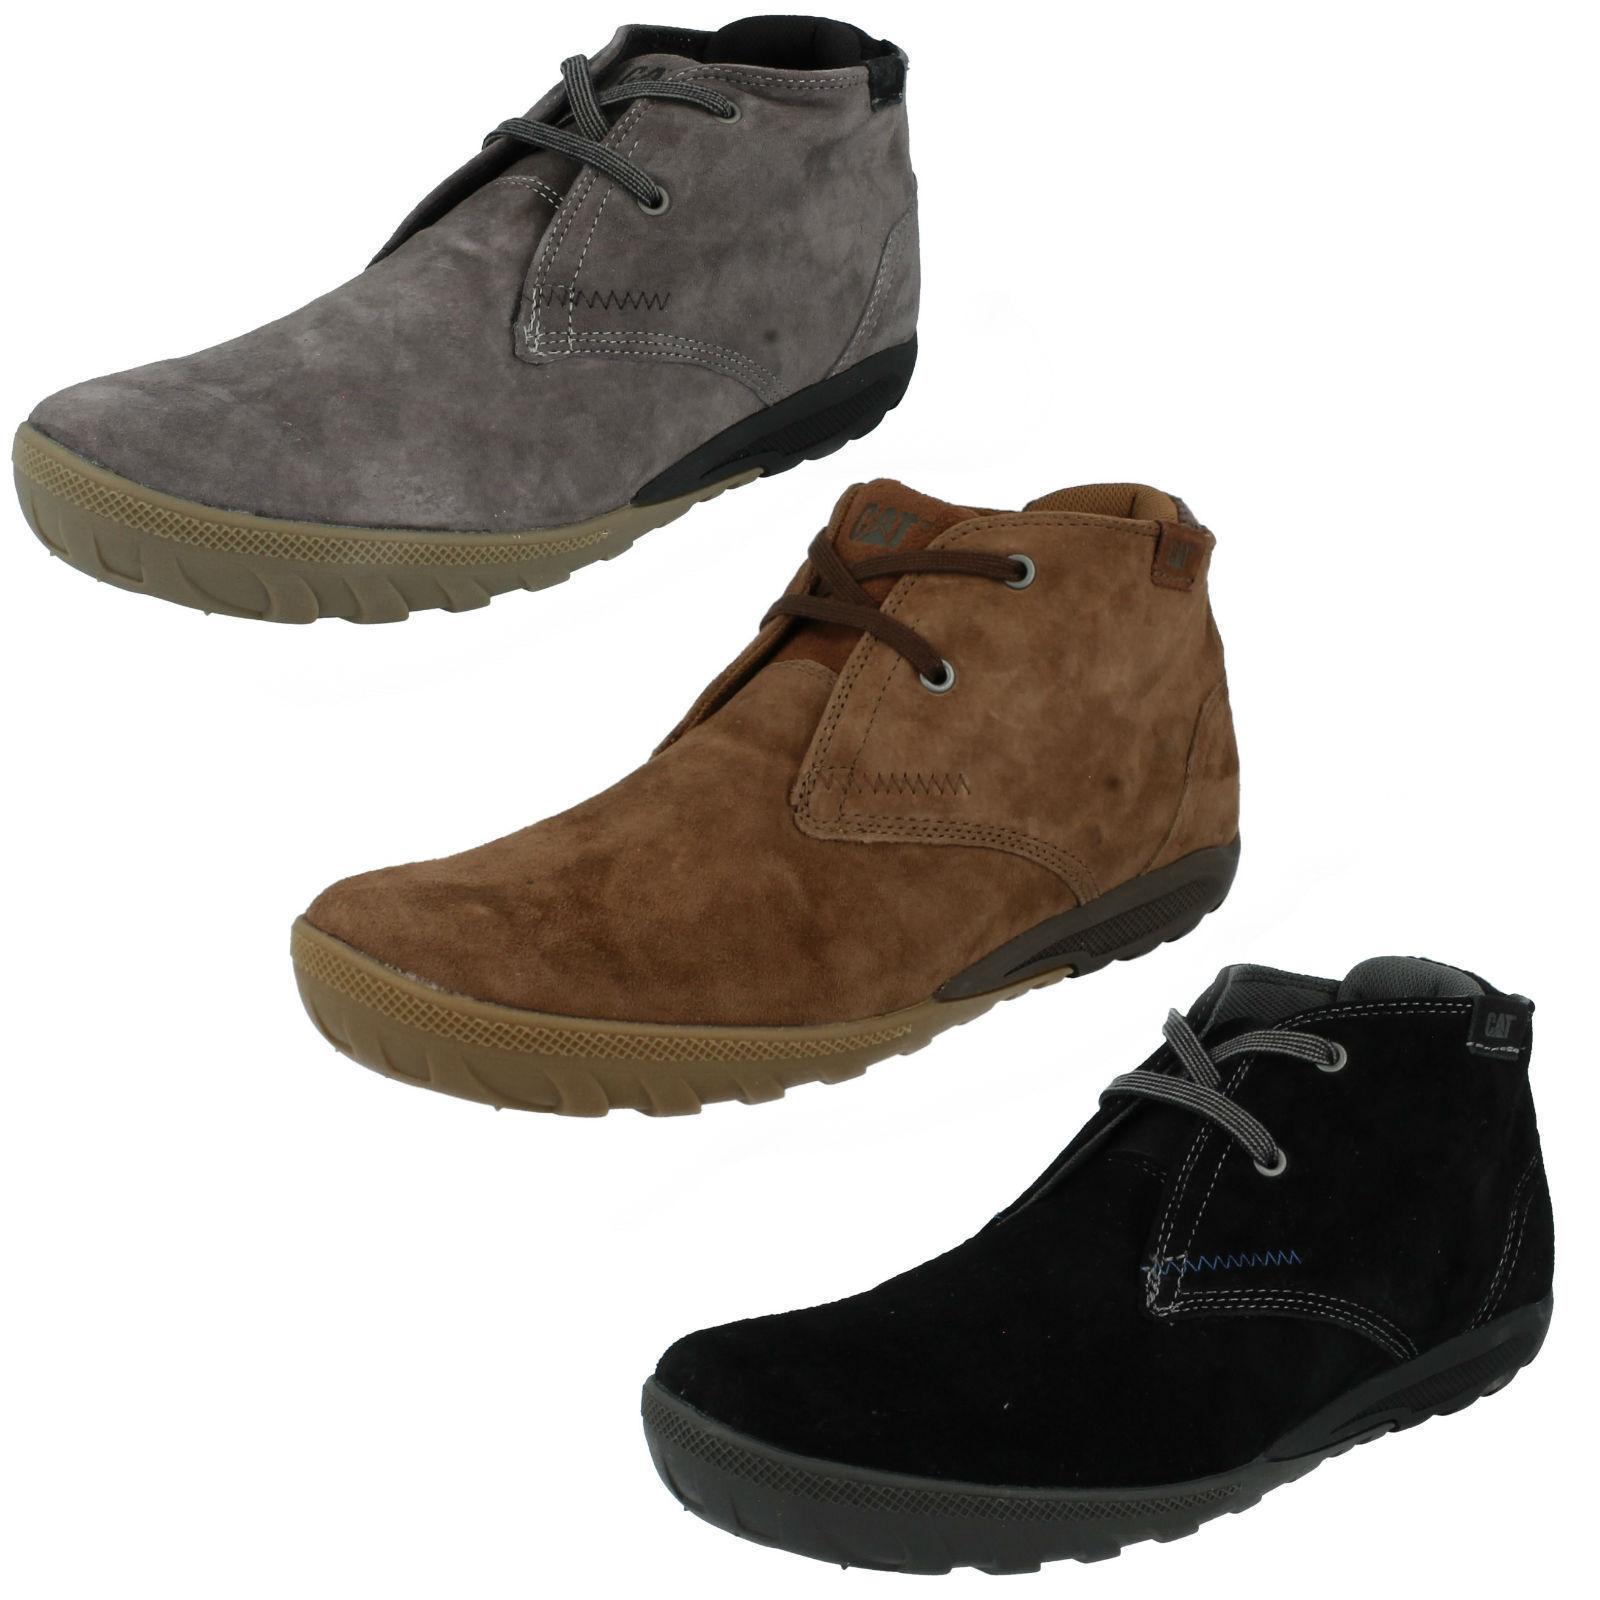 Para Hombre Caterpillar Crump Mediados de gamuza cuero con cordones Casual Zapatos De Trabajo botas al tobillo